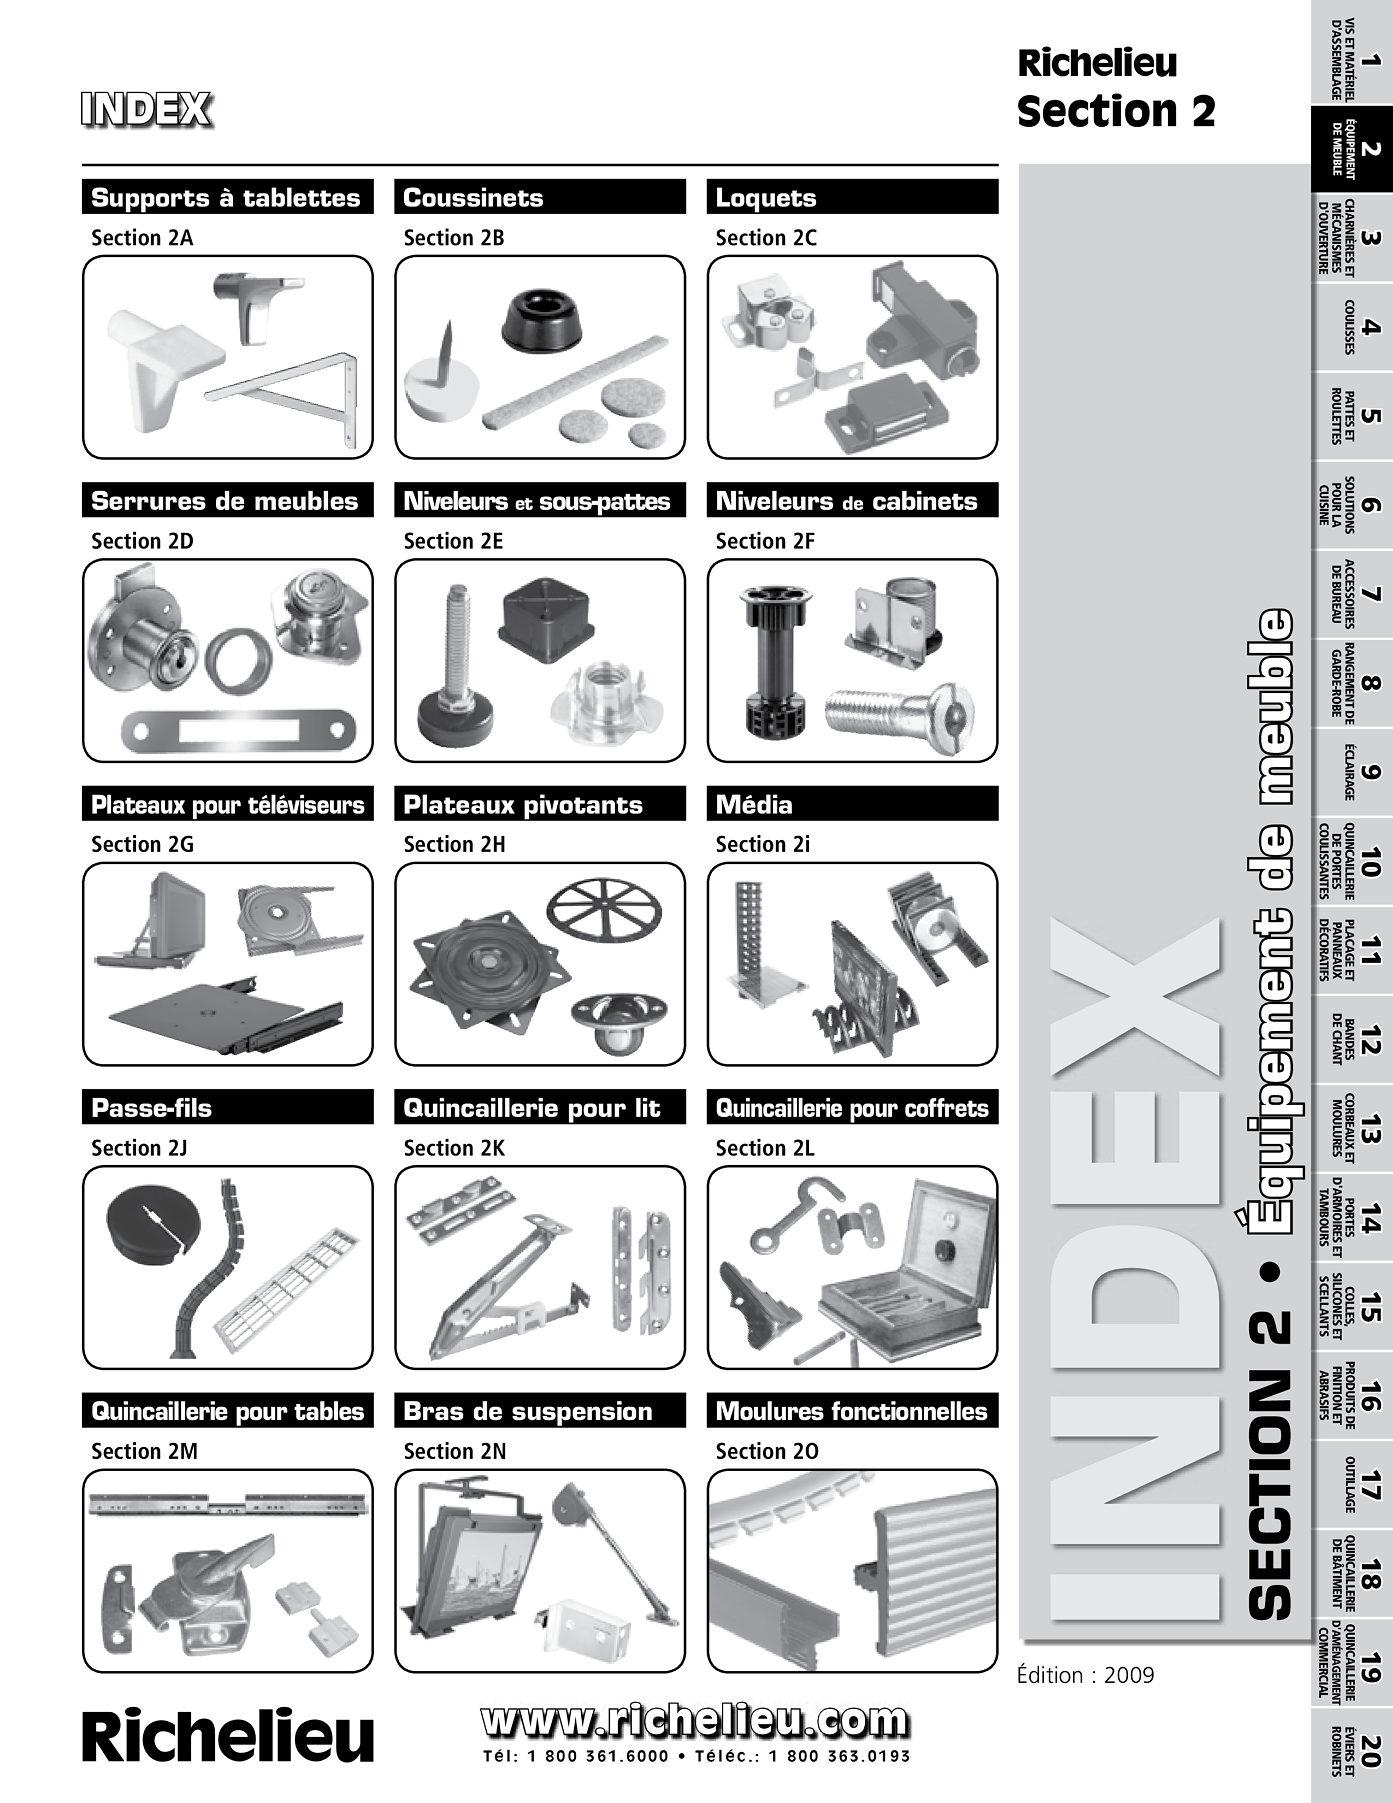 librairie des catalogues richelieu supports tablettes page 1 quincaillerie richelieu. Black Bedroom Furniture Sets. Home Design Ideas